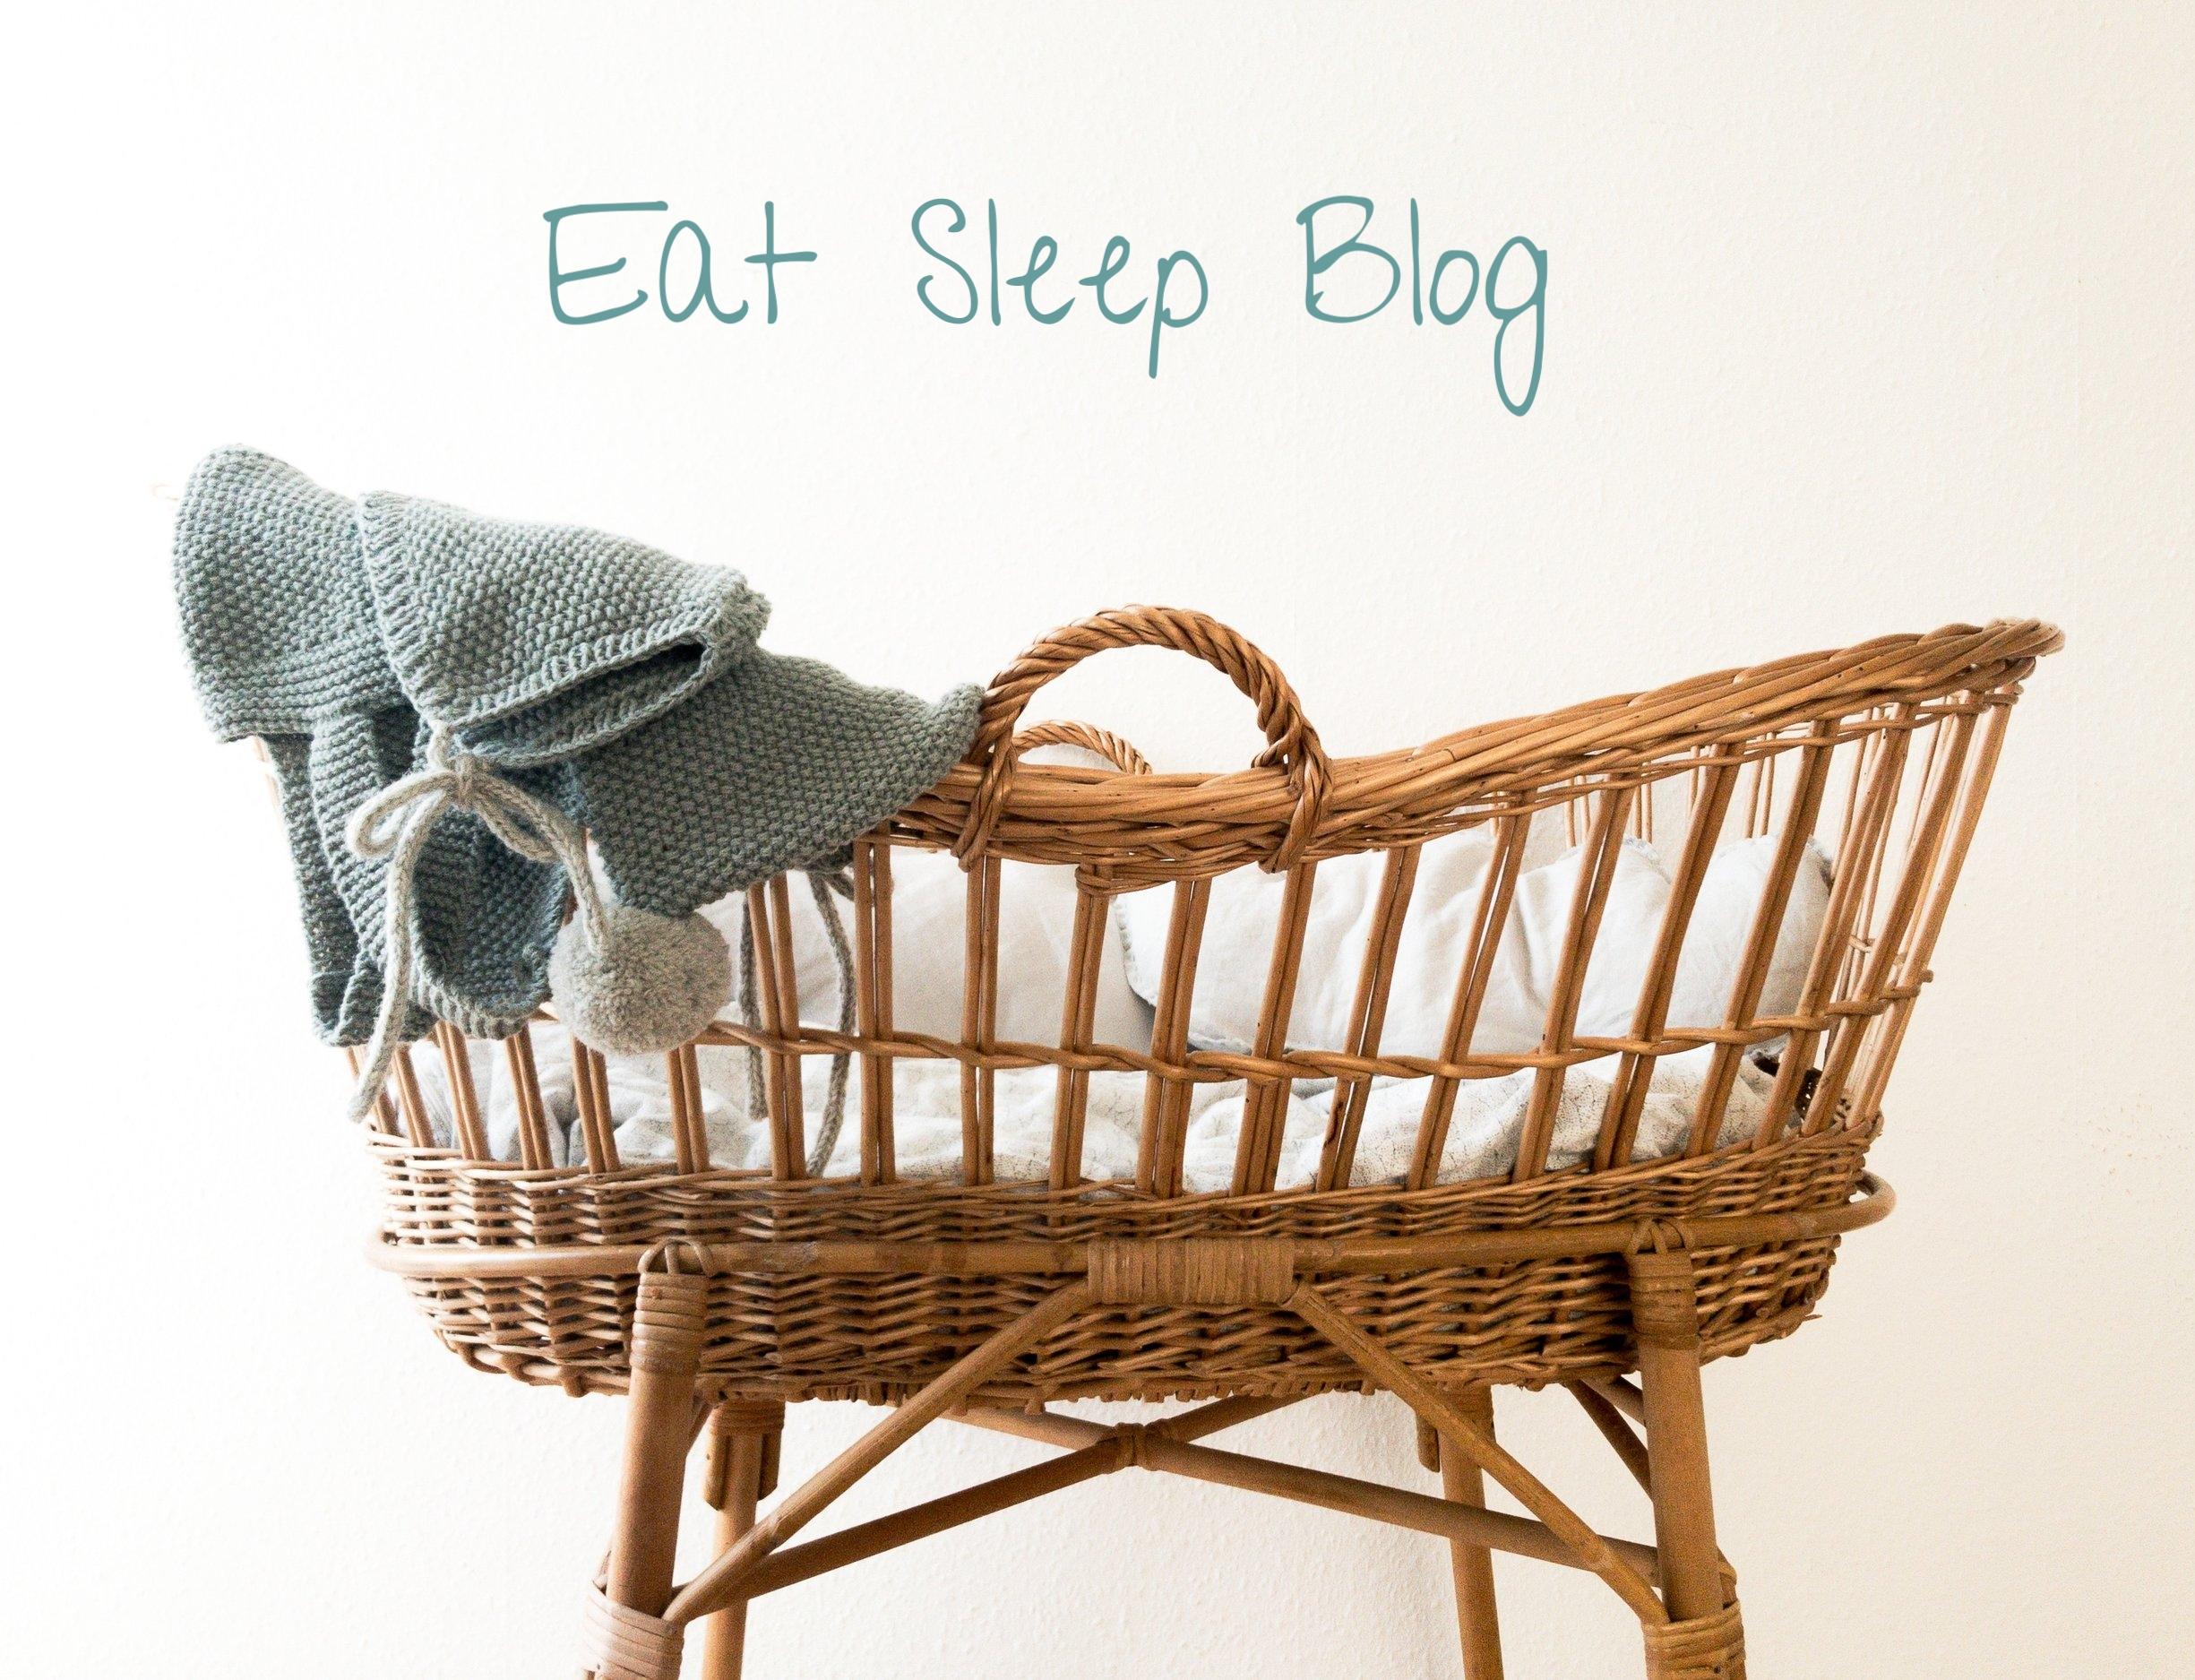 sleepeatblog.jpg